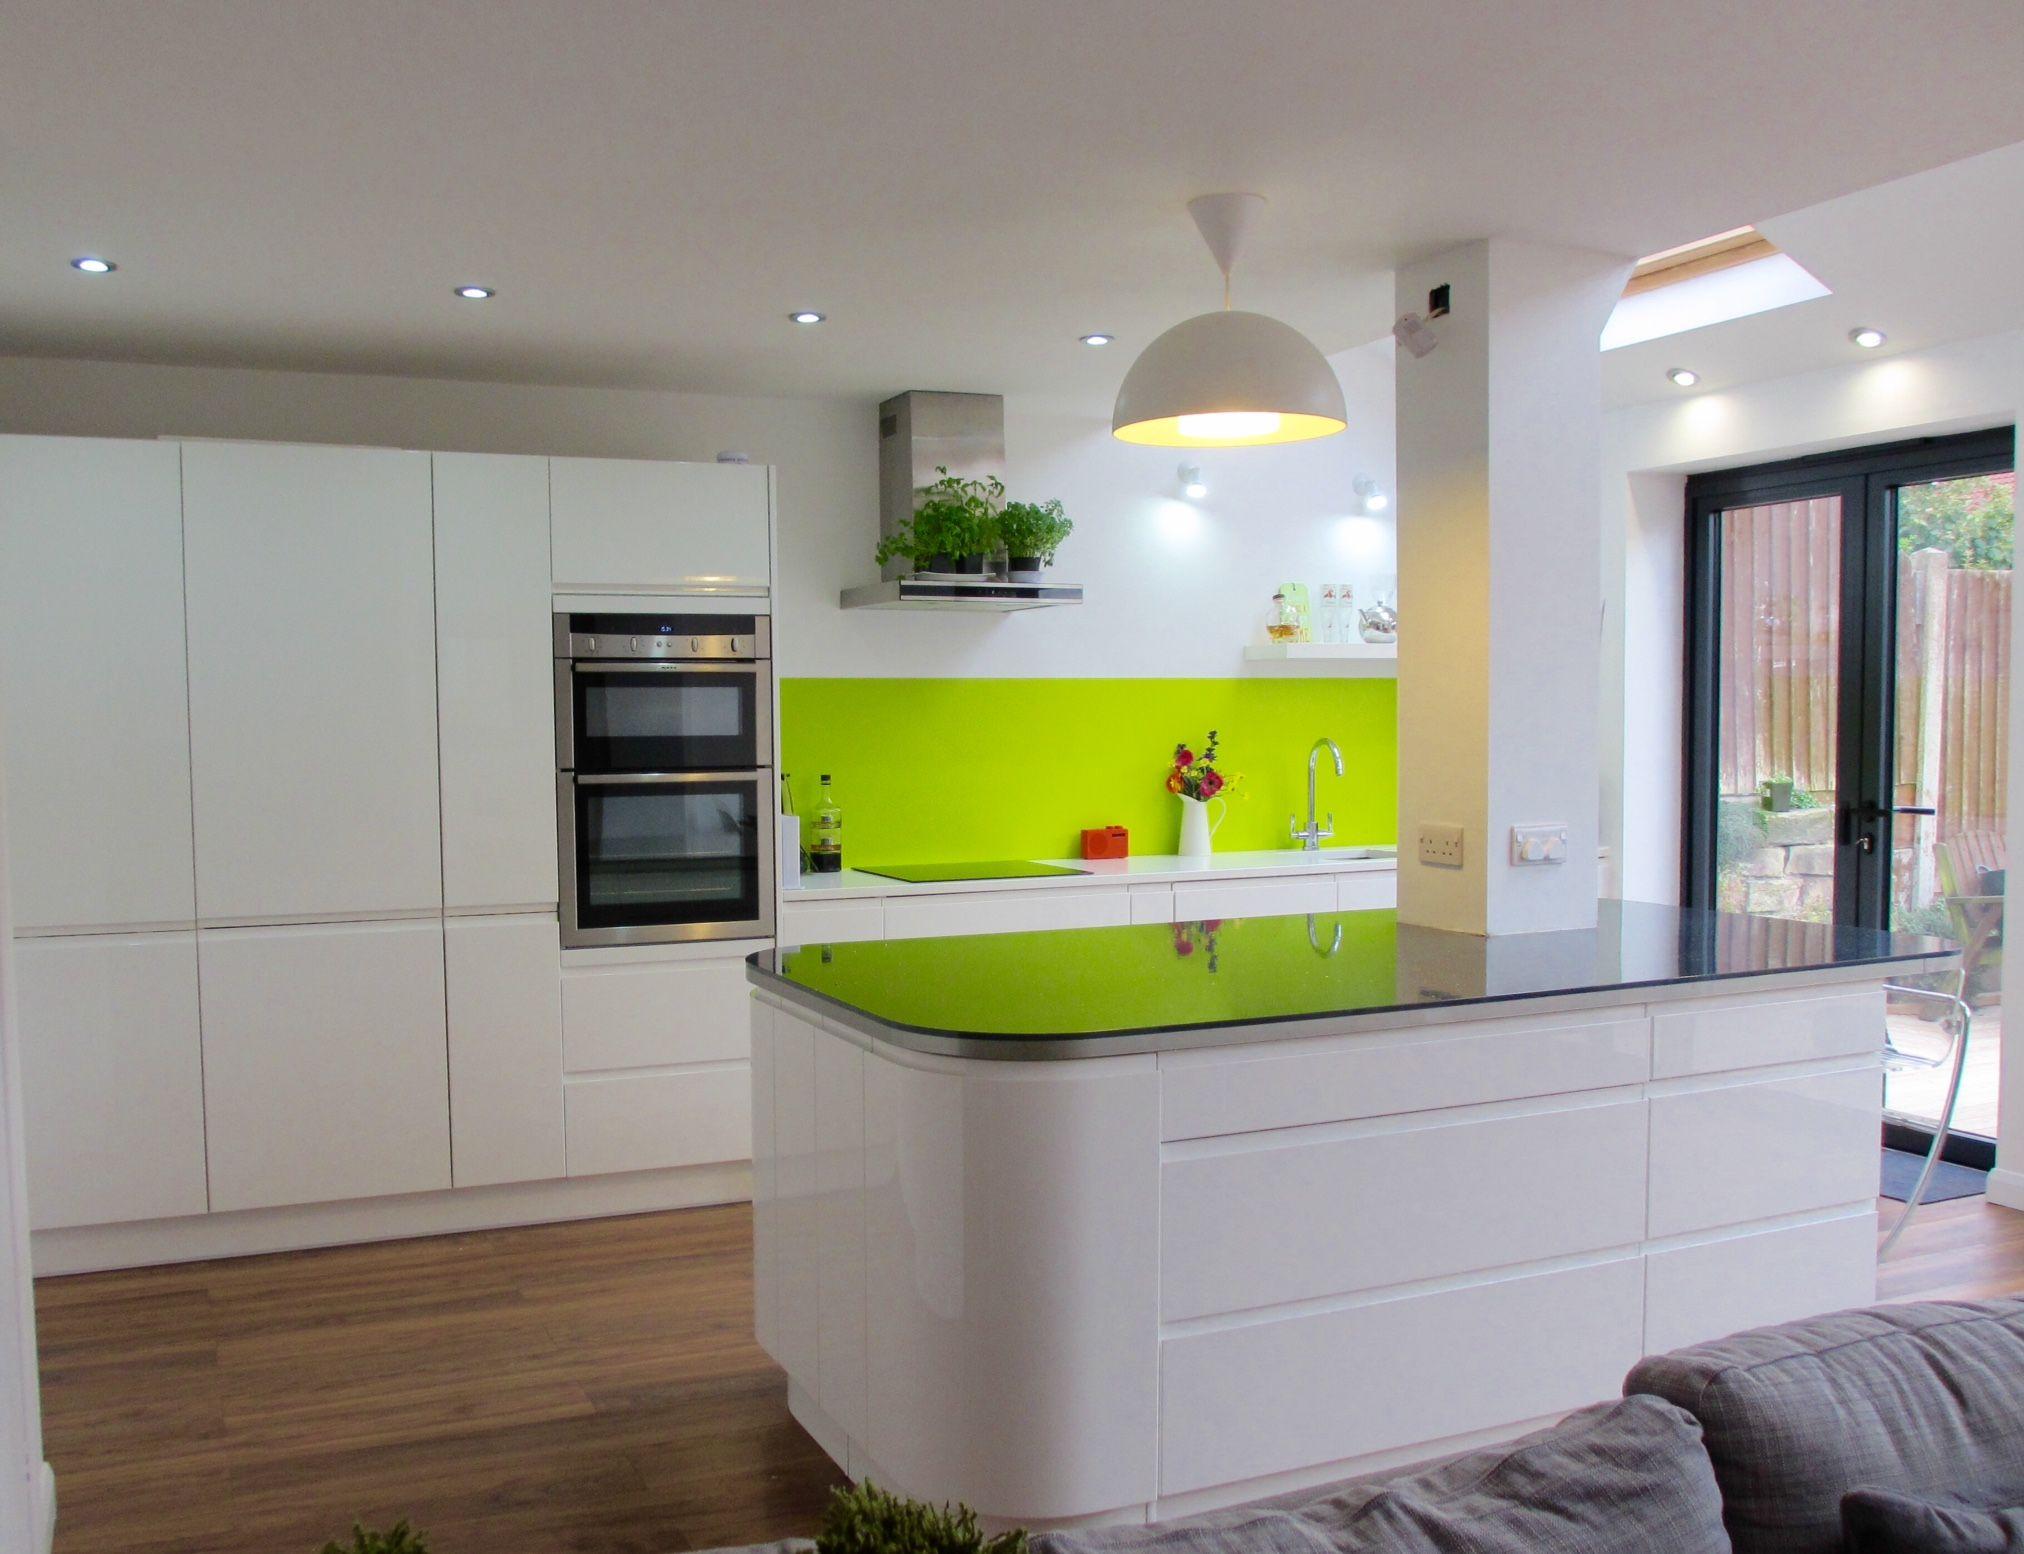 Wren Kitchens Handleless White Gloss Speaks For Itself Really